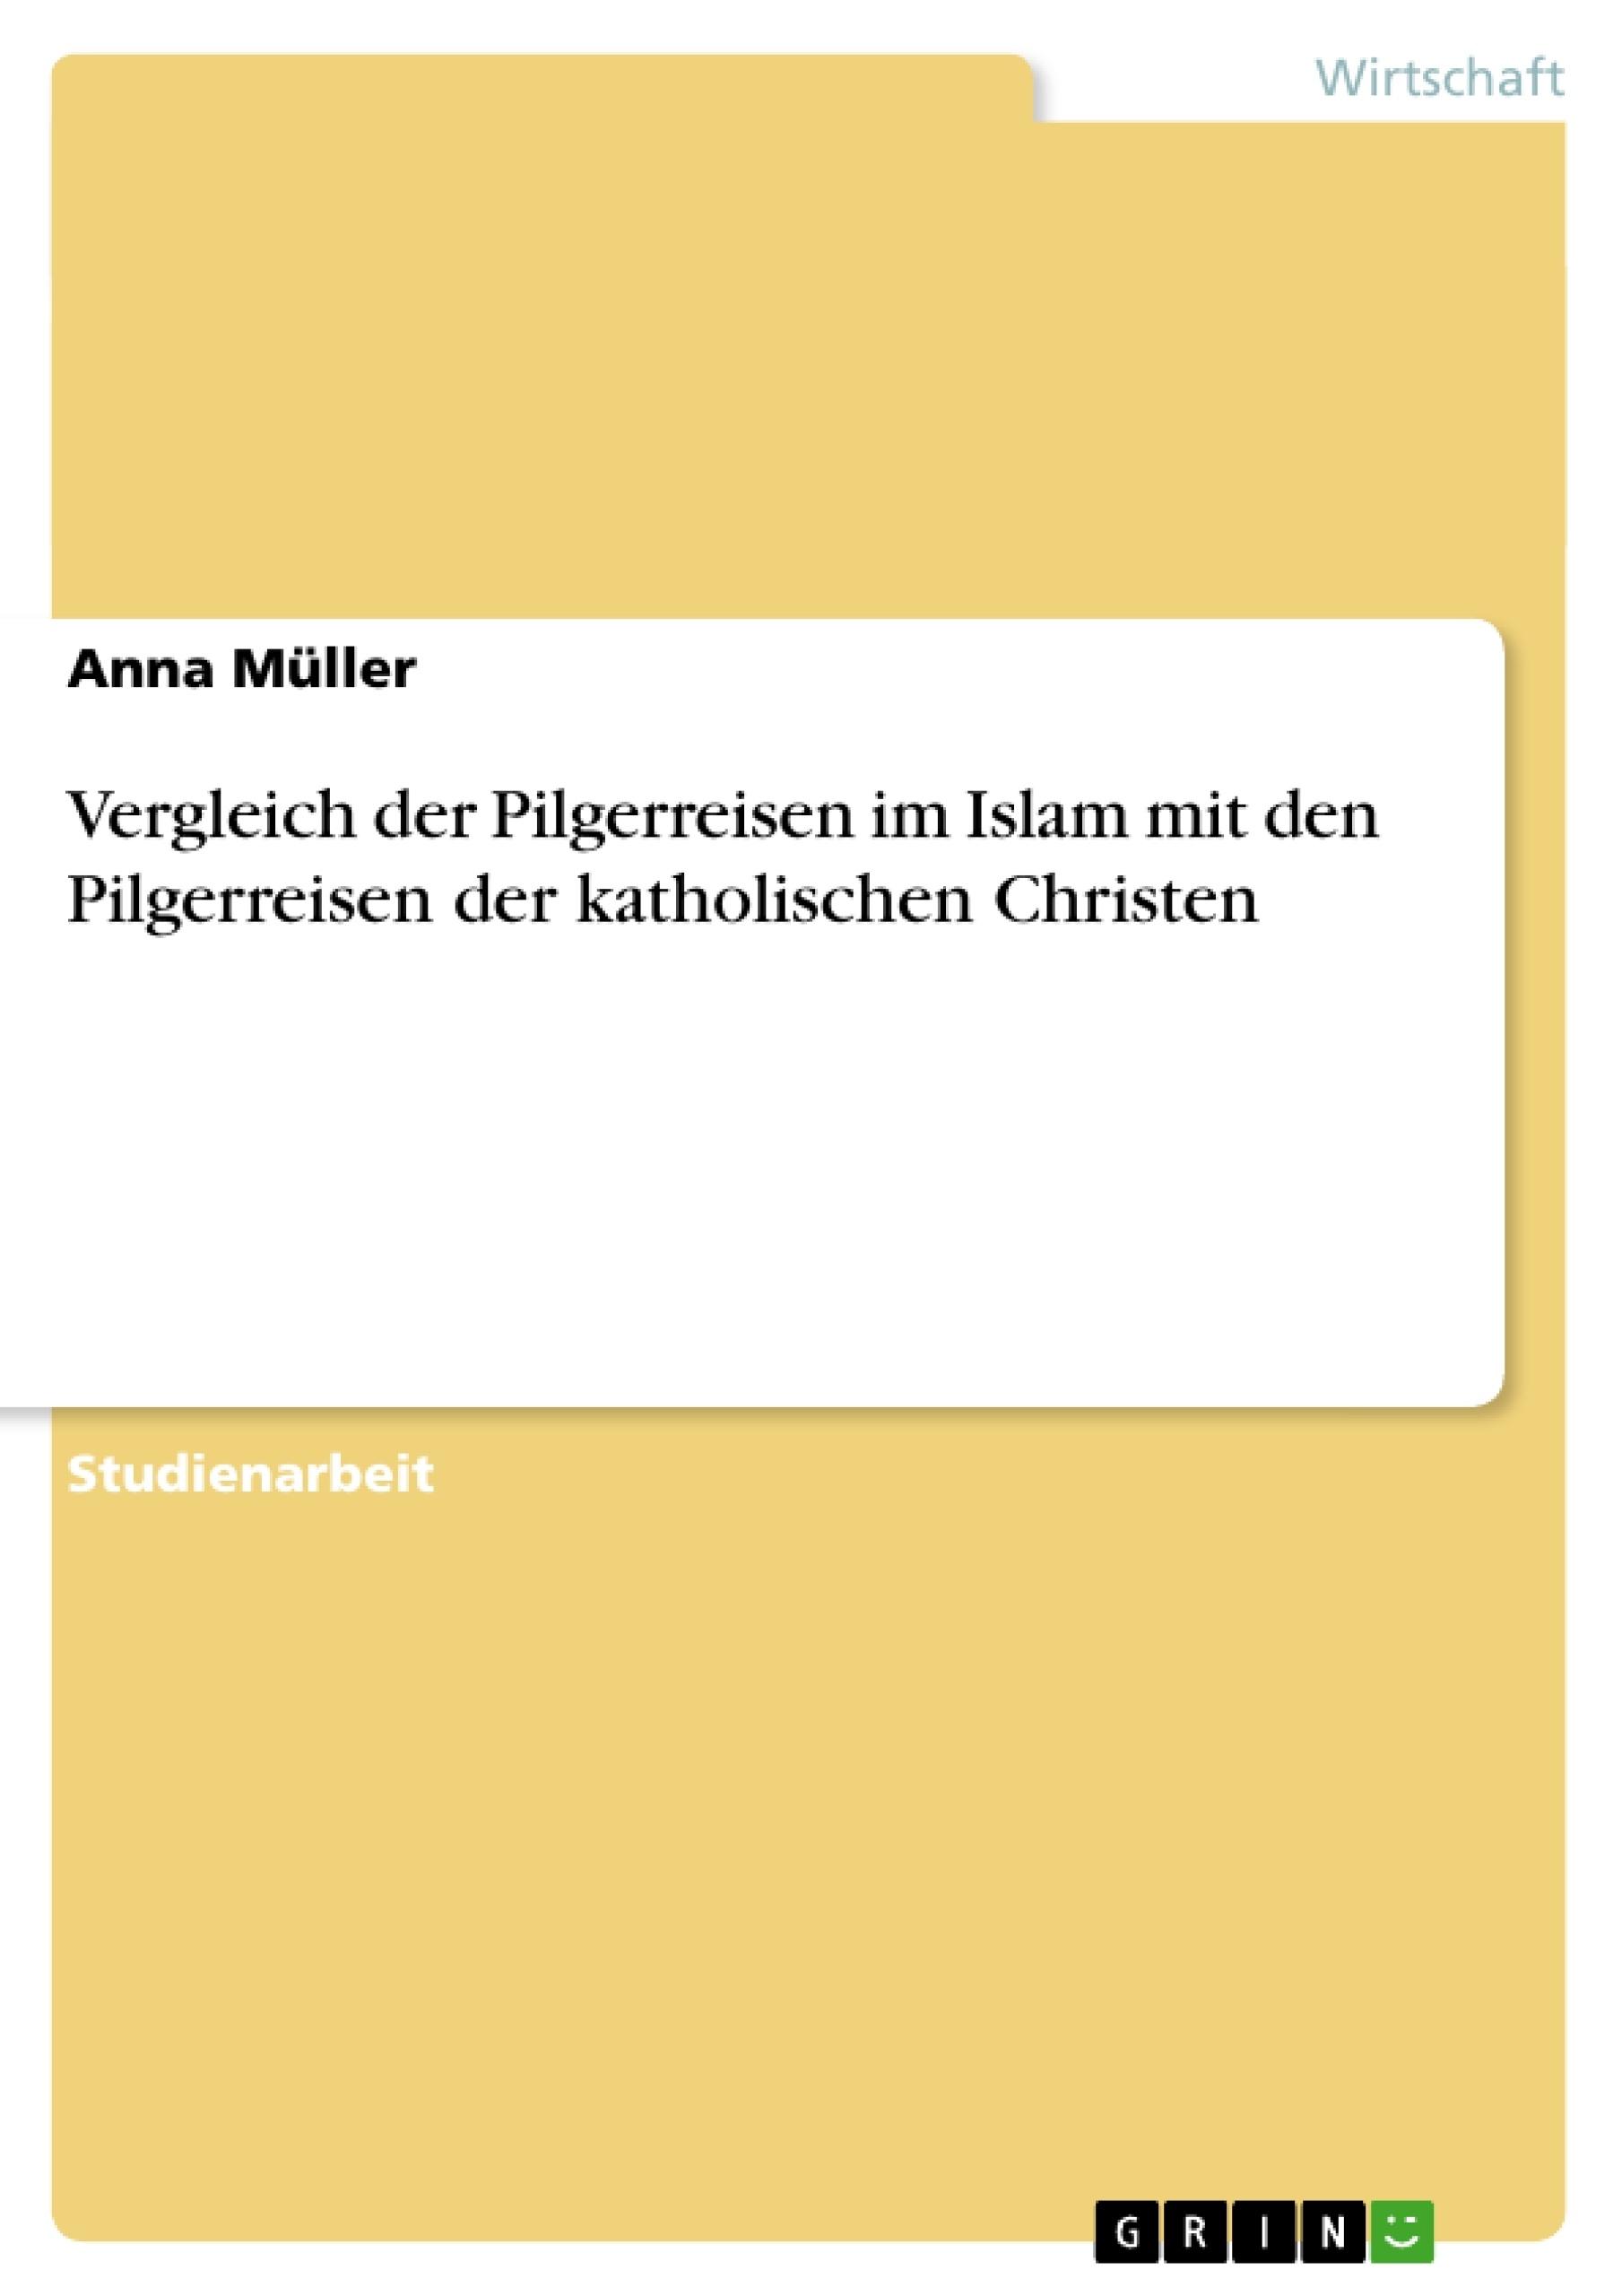 Titel: Vergleich der Pilgerreisen im Islam mit den Pilgerreisen der katholischen Christen